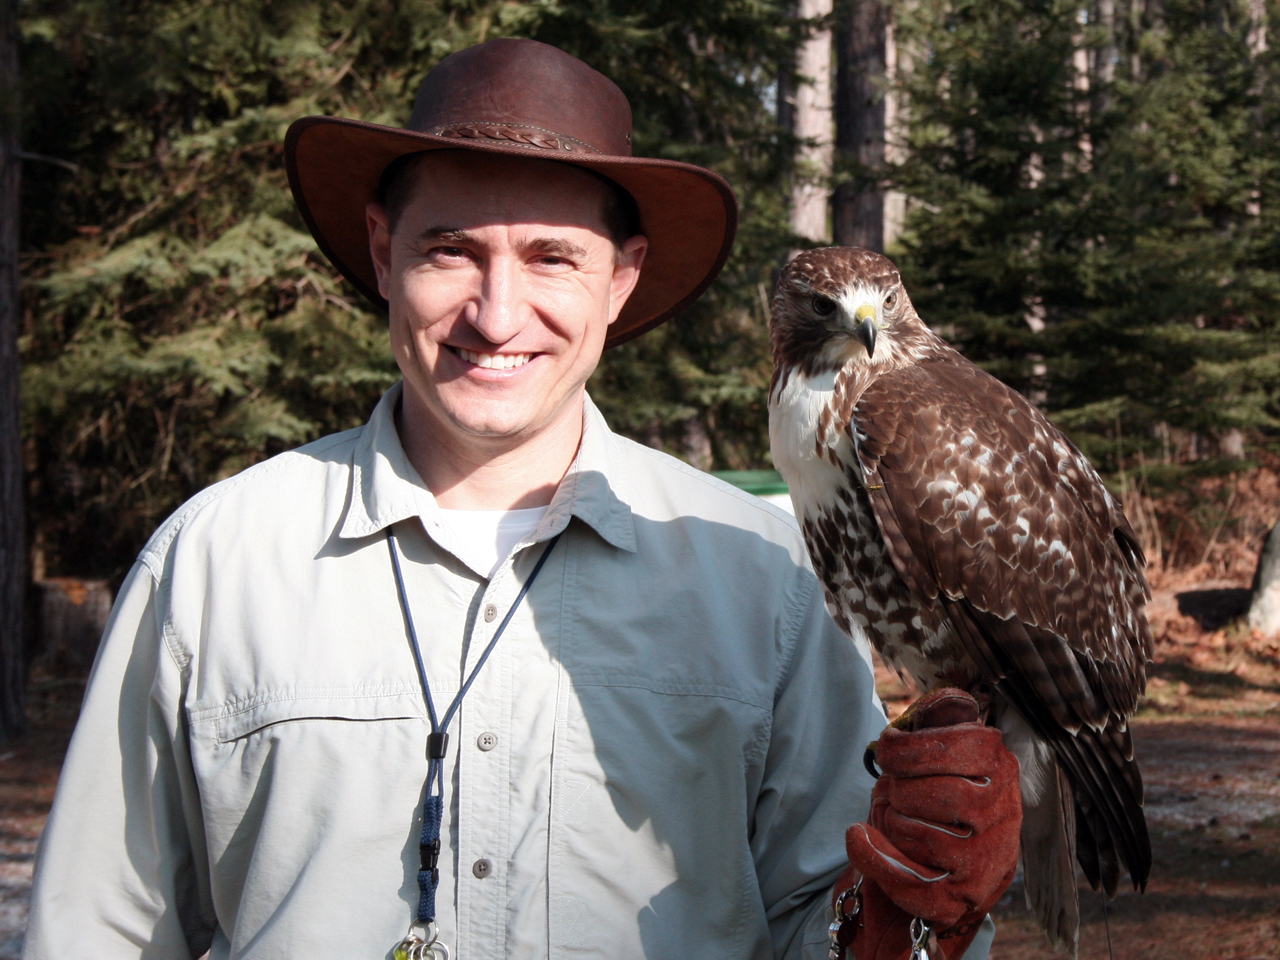 Falconer and Tahoe at Deer Camp 01